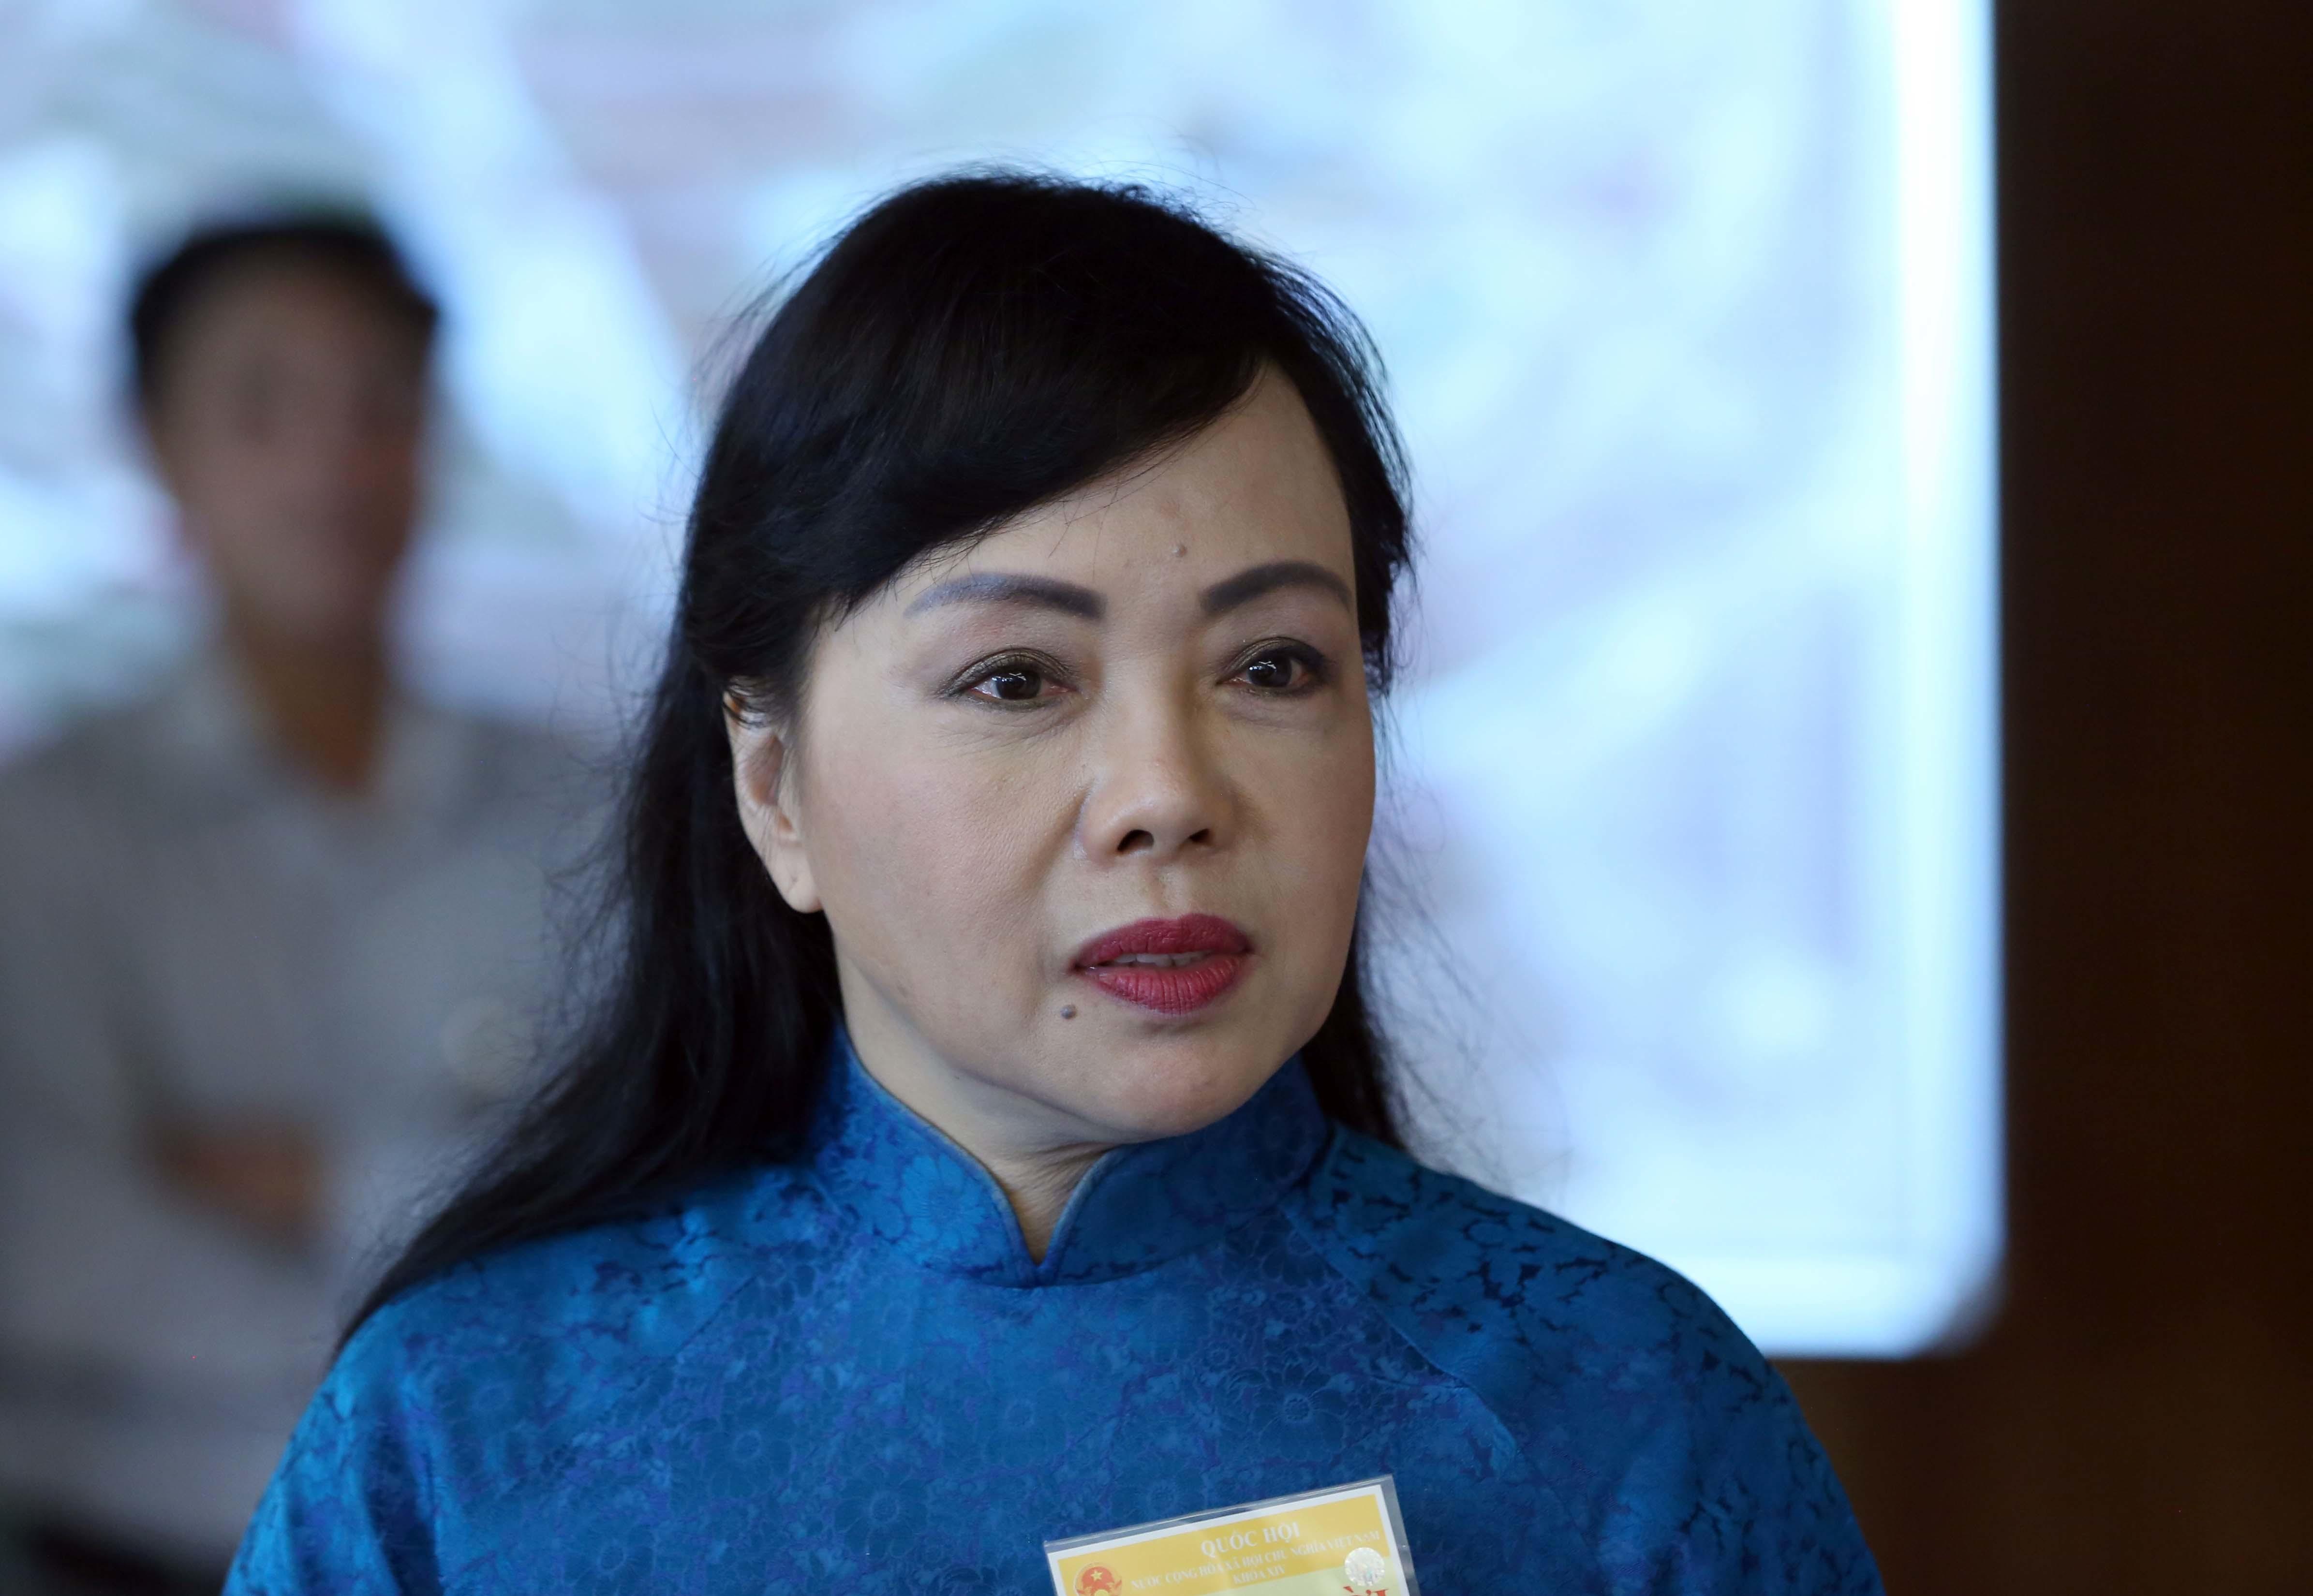 Bộ trưởng Y tế, Bộ trưởng Nguyễn Thị Kim Tiến, Nguyễn Thị Kim Tiến